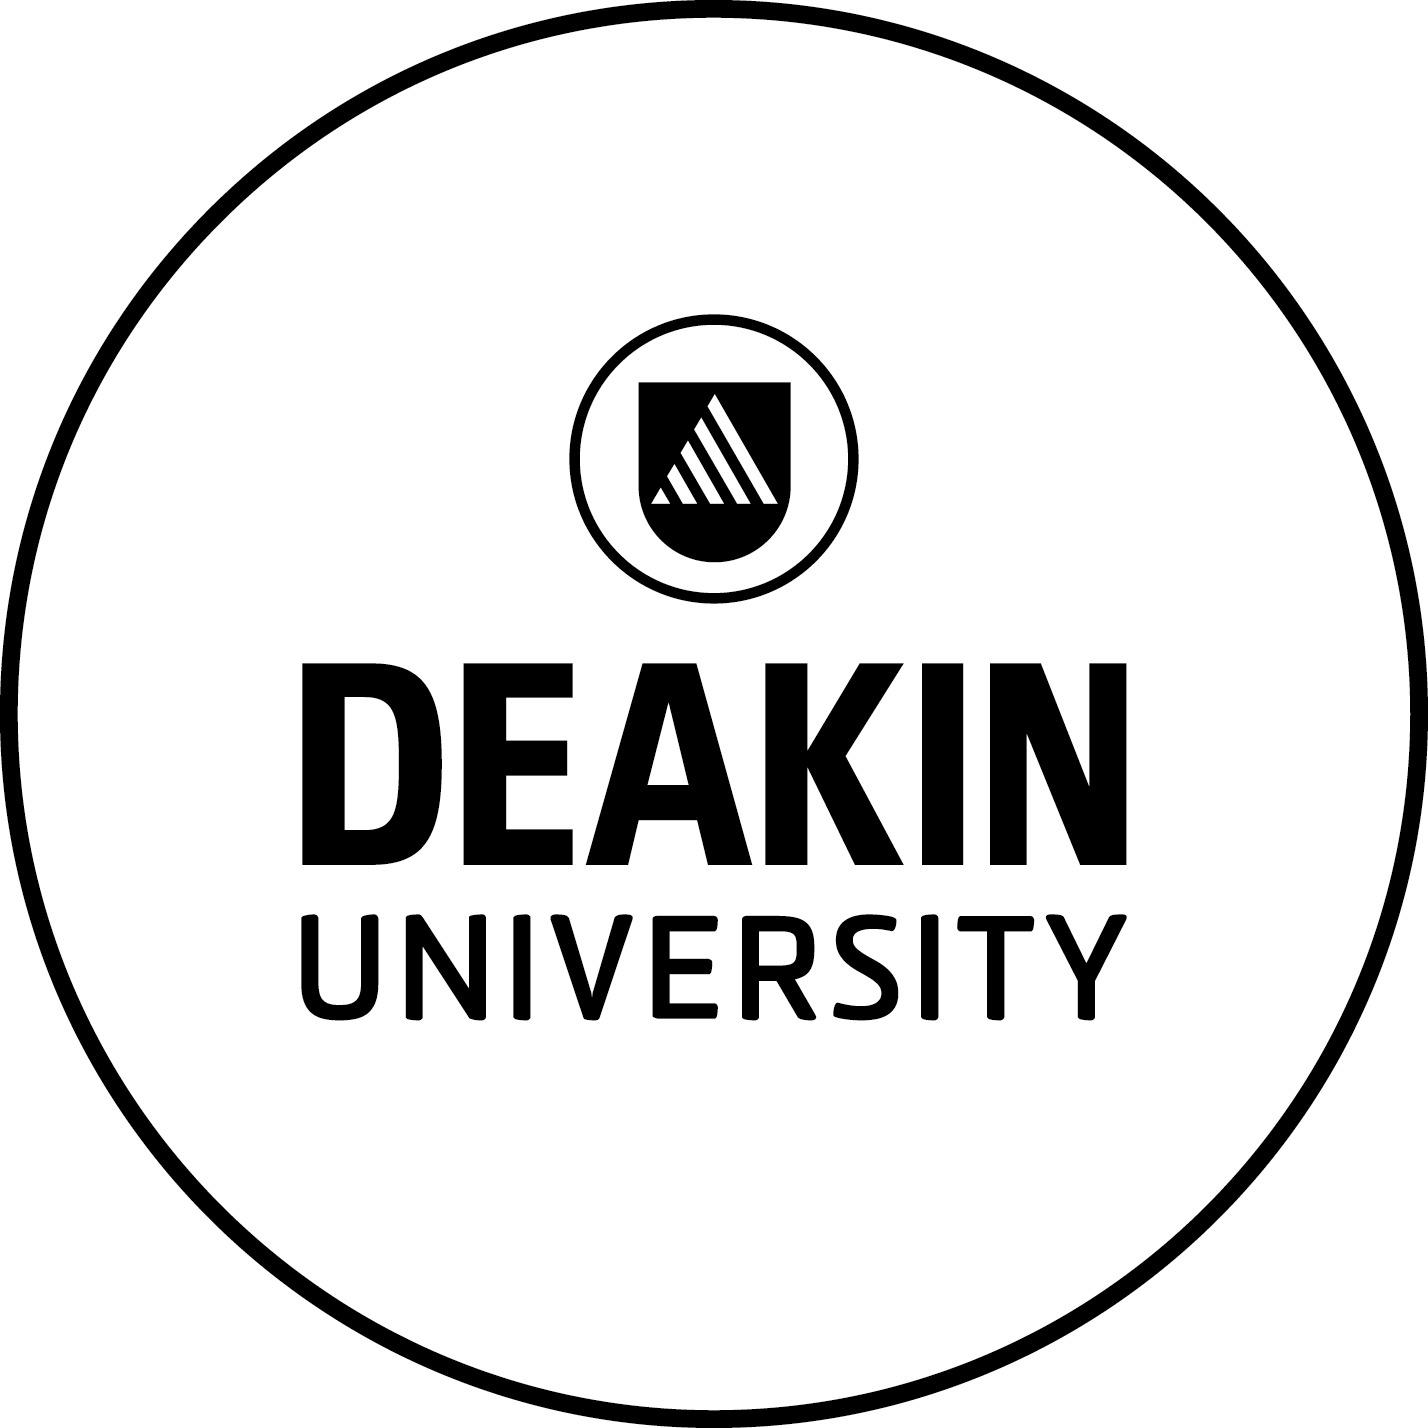 Deakin University logo